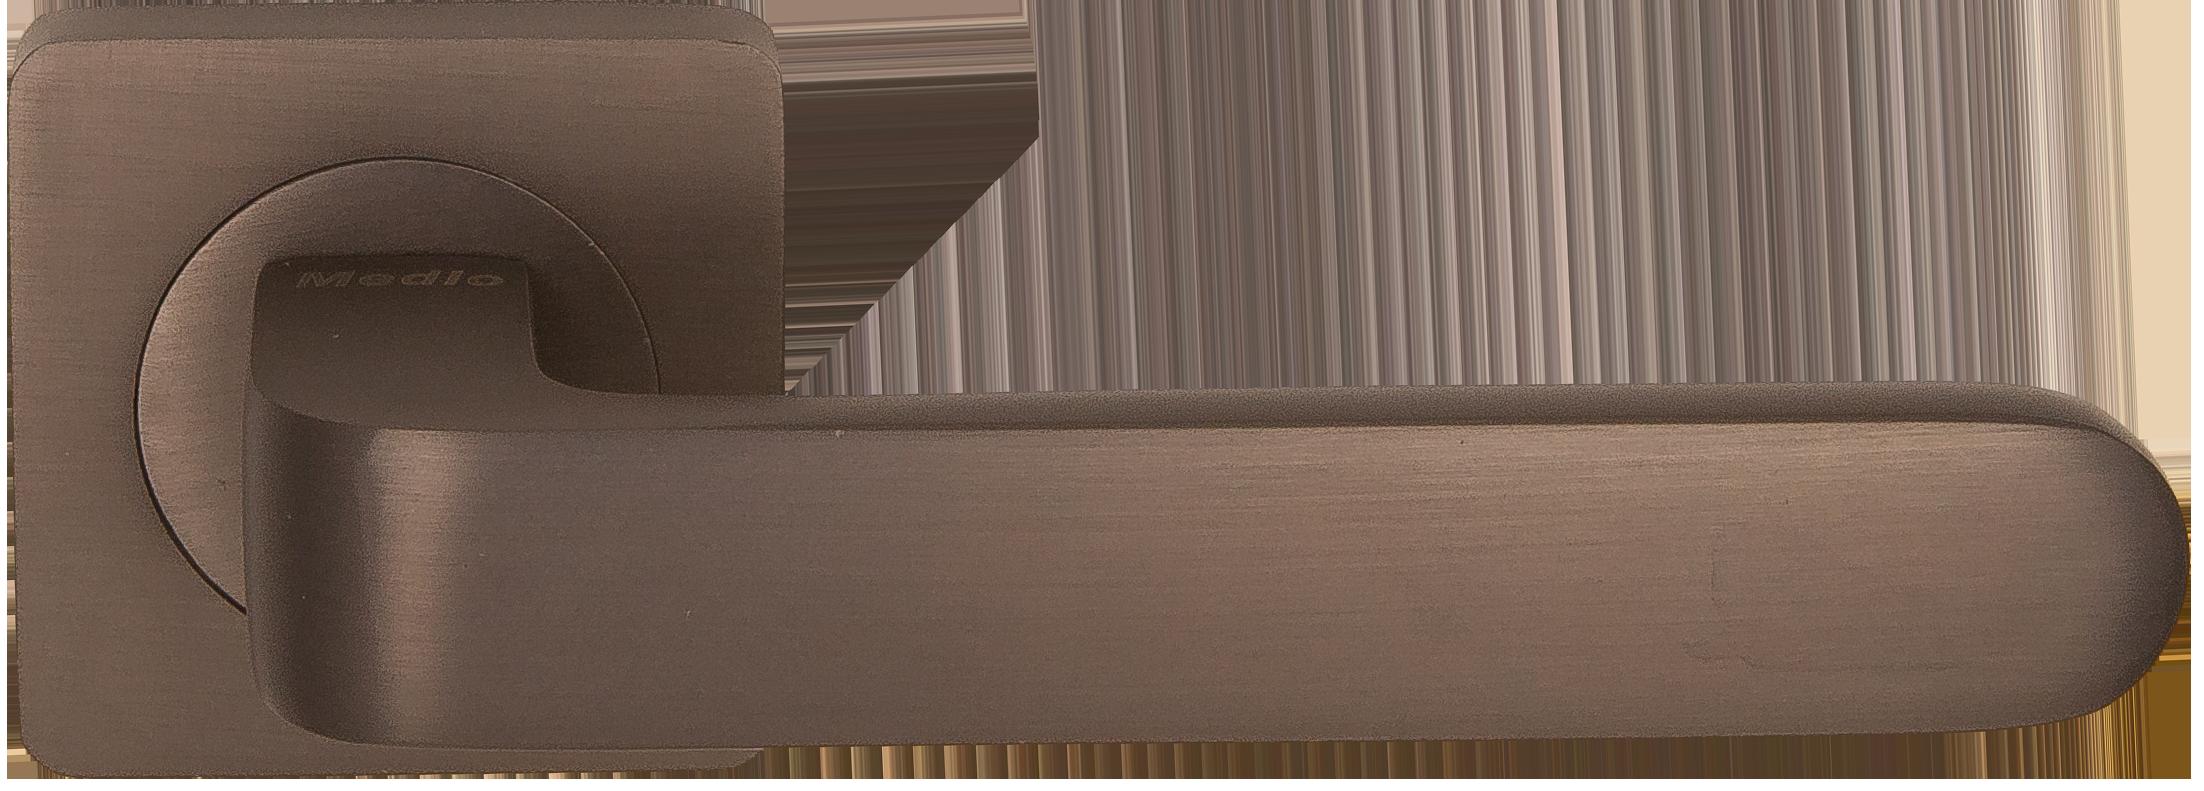 Ручка Медио ML6639-75 MBN графит (20 шт)